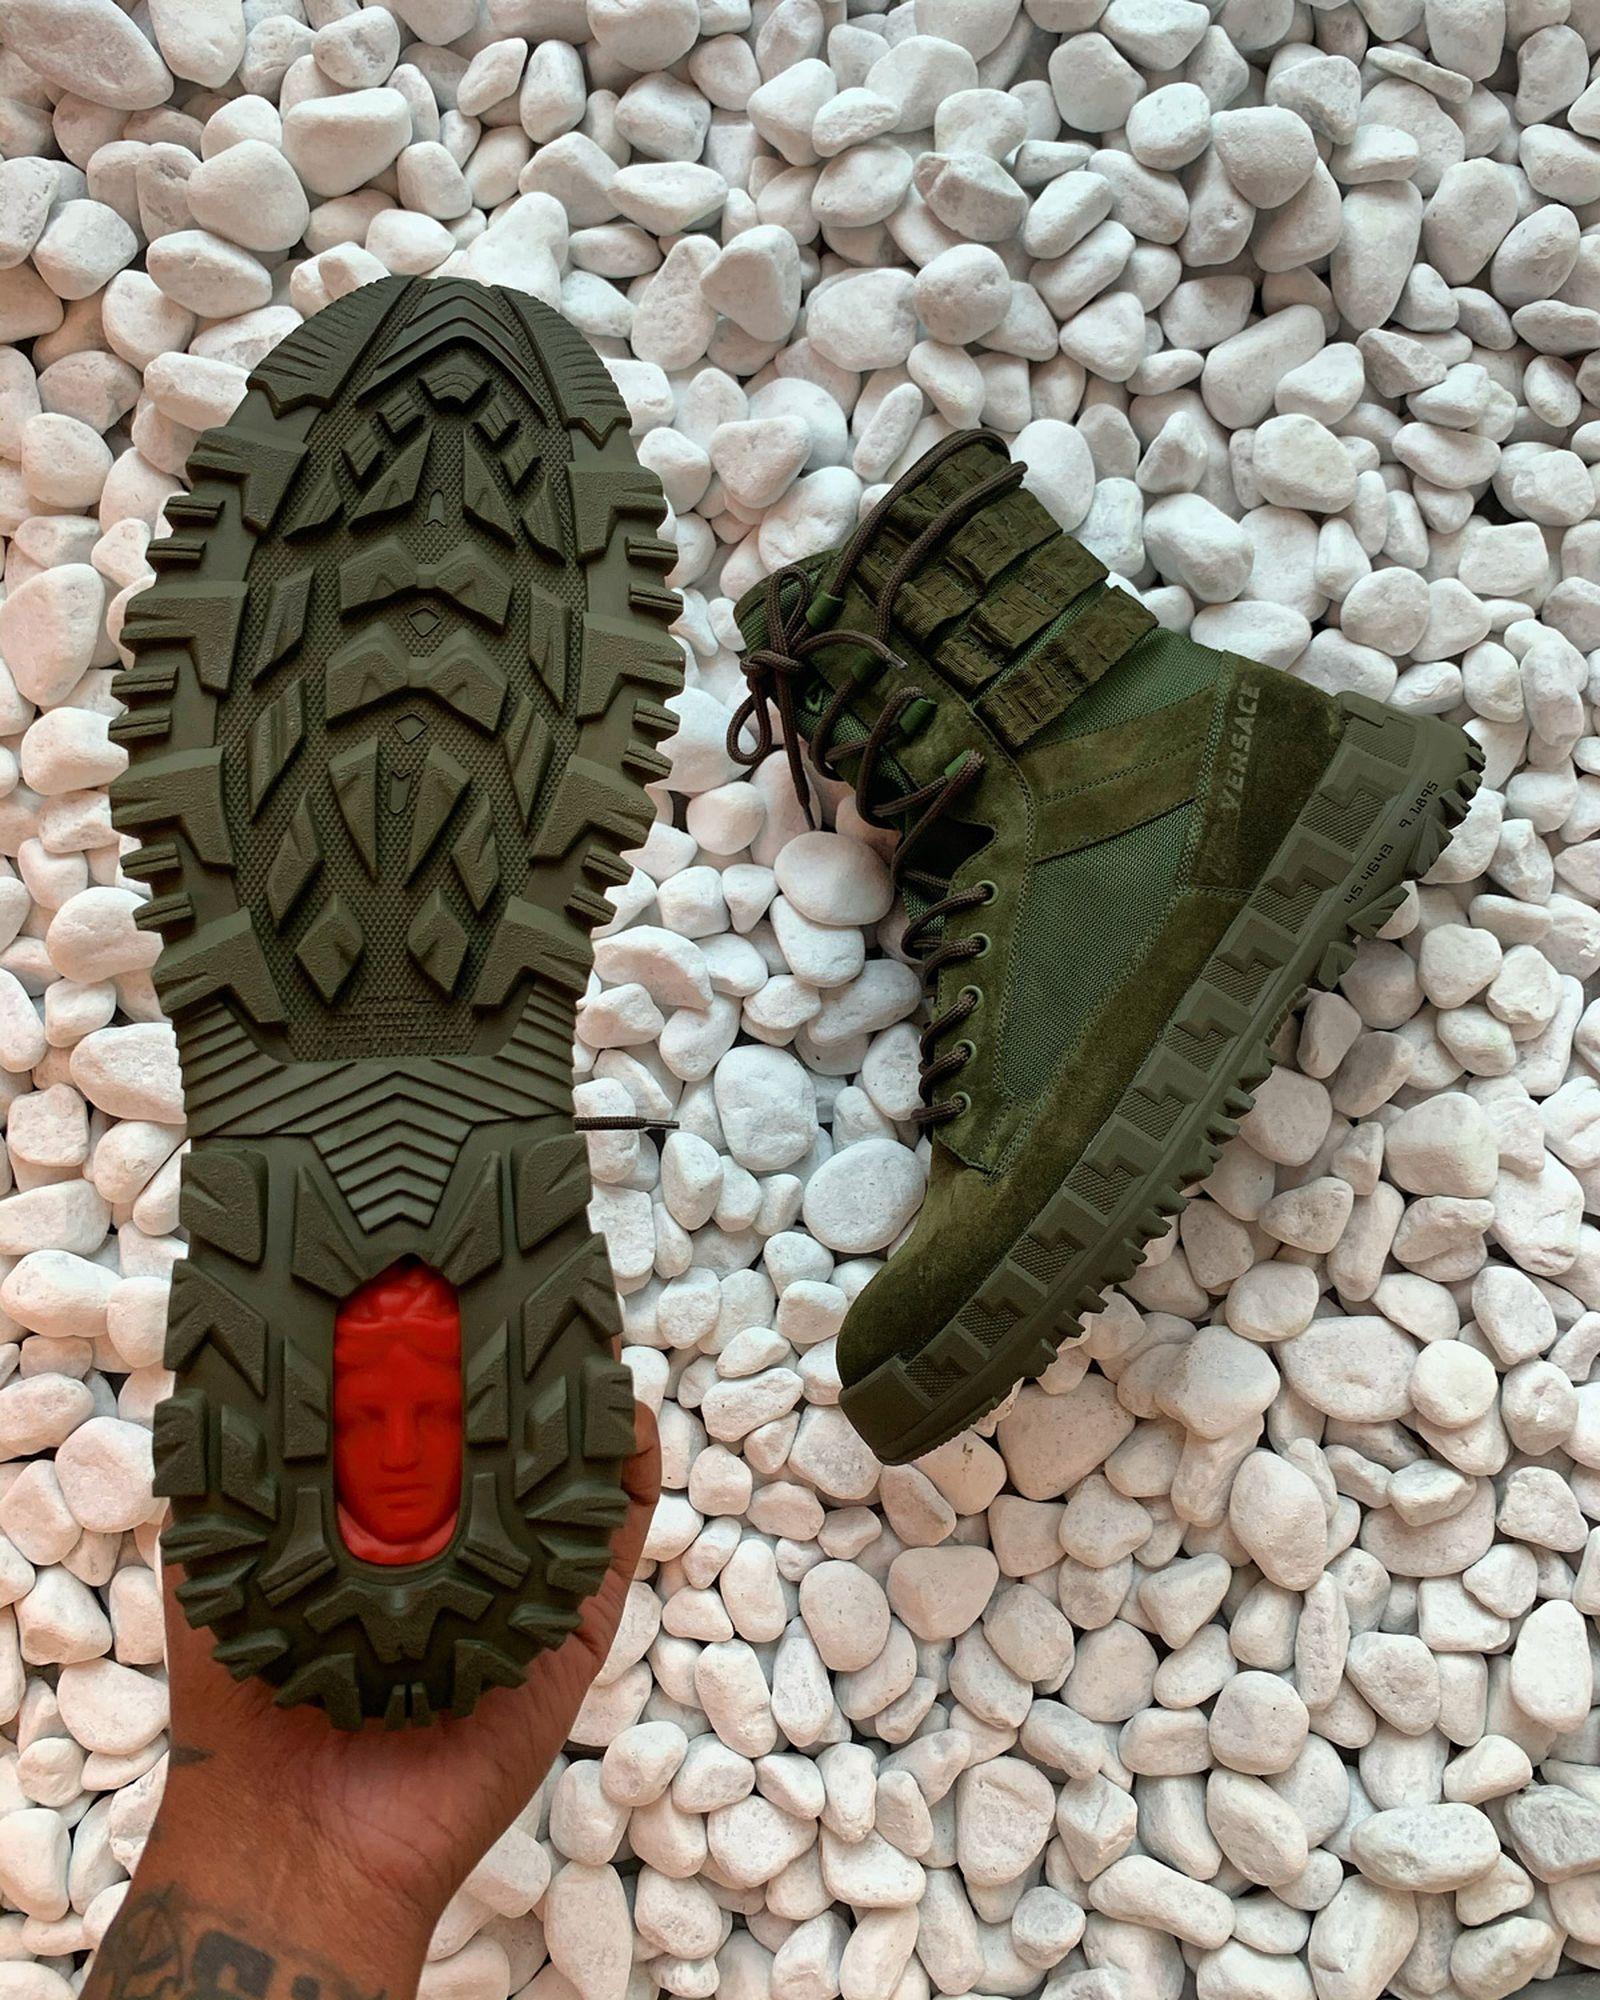 next-gen-sneakers-salehe-bembury-pioneered-luxury-sneakers-06